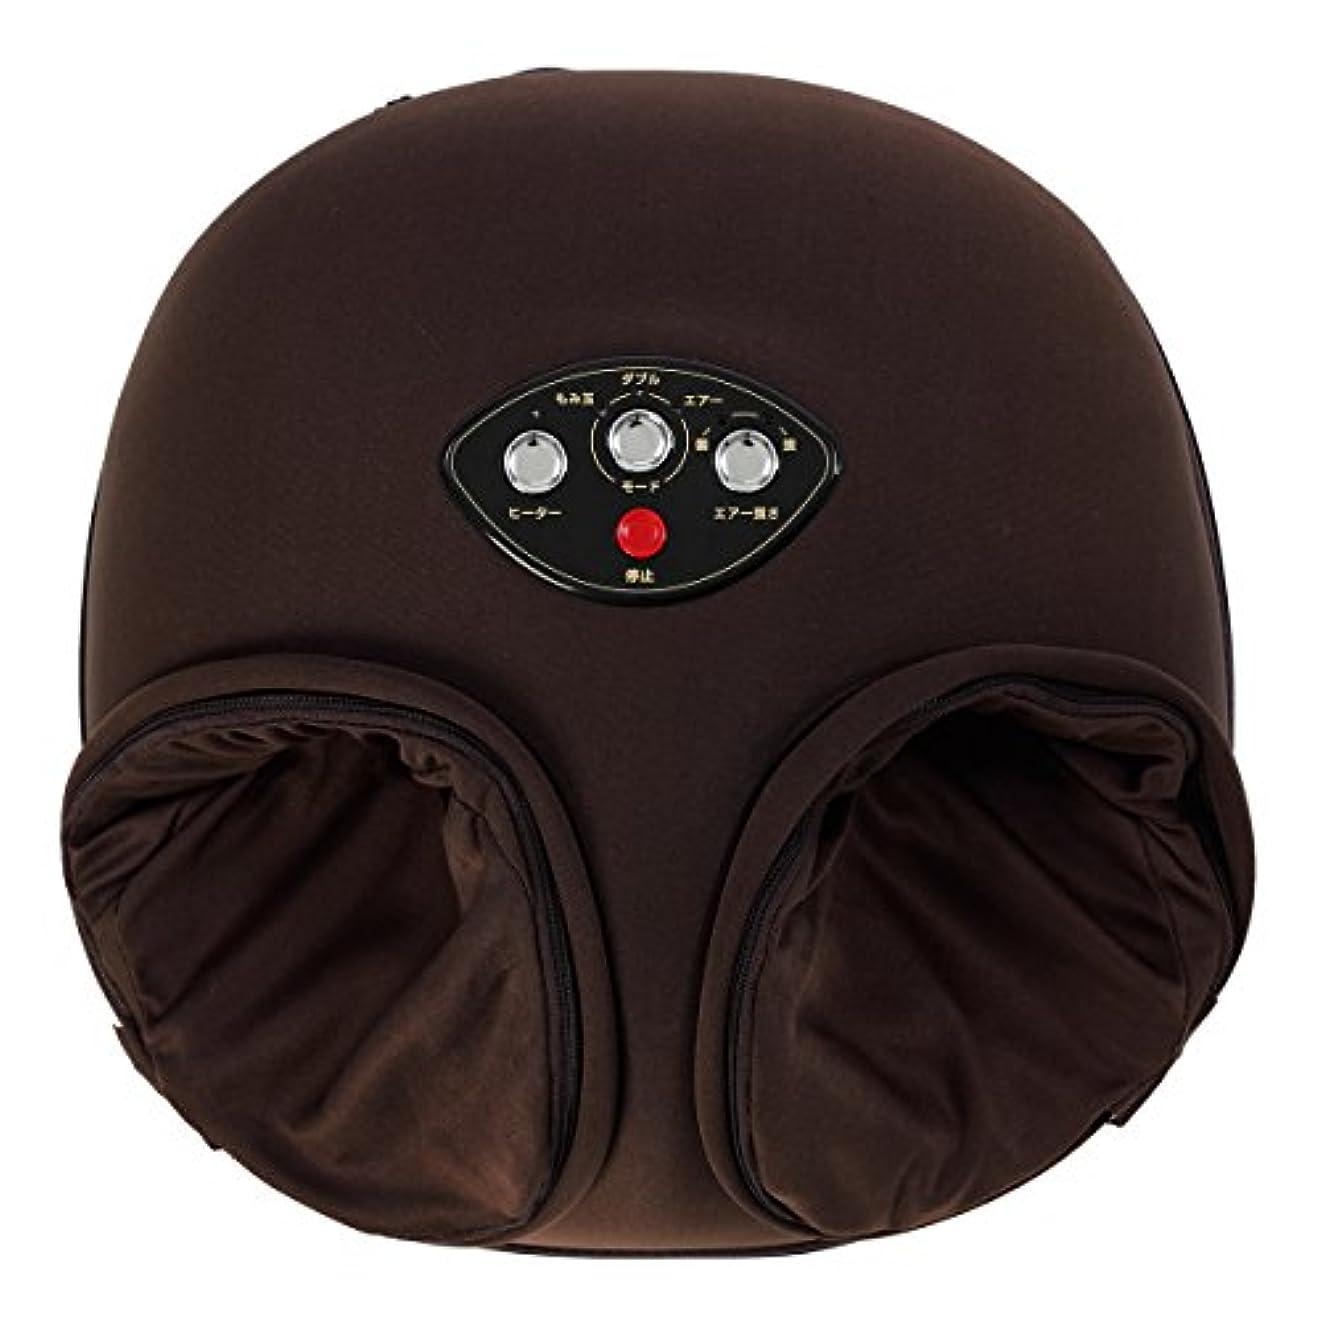 正当なマウスピース瞳ALINCO(アルインコ) フットインマッサージャー ふっとたいむ フットマッサージャー MCR4515